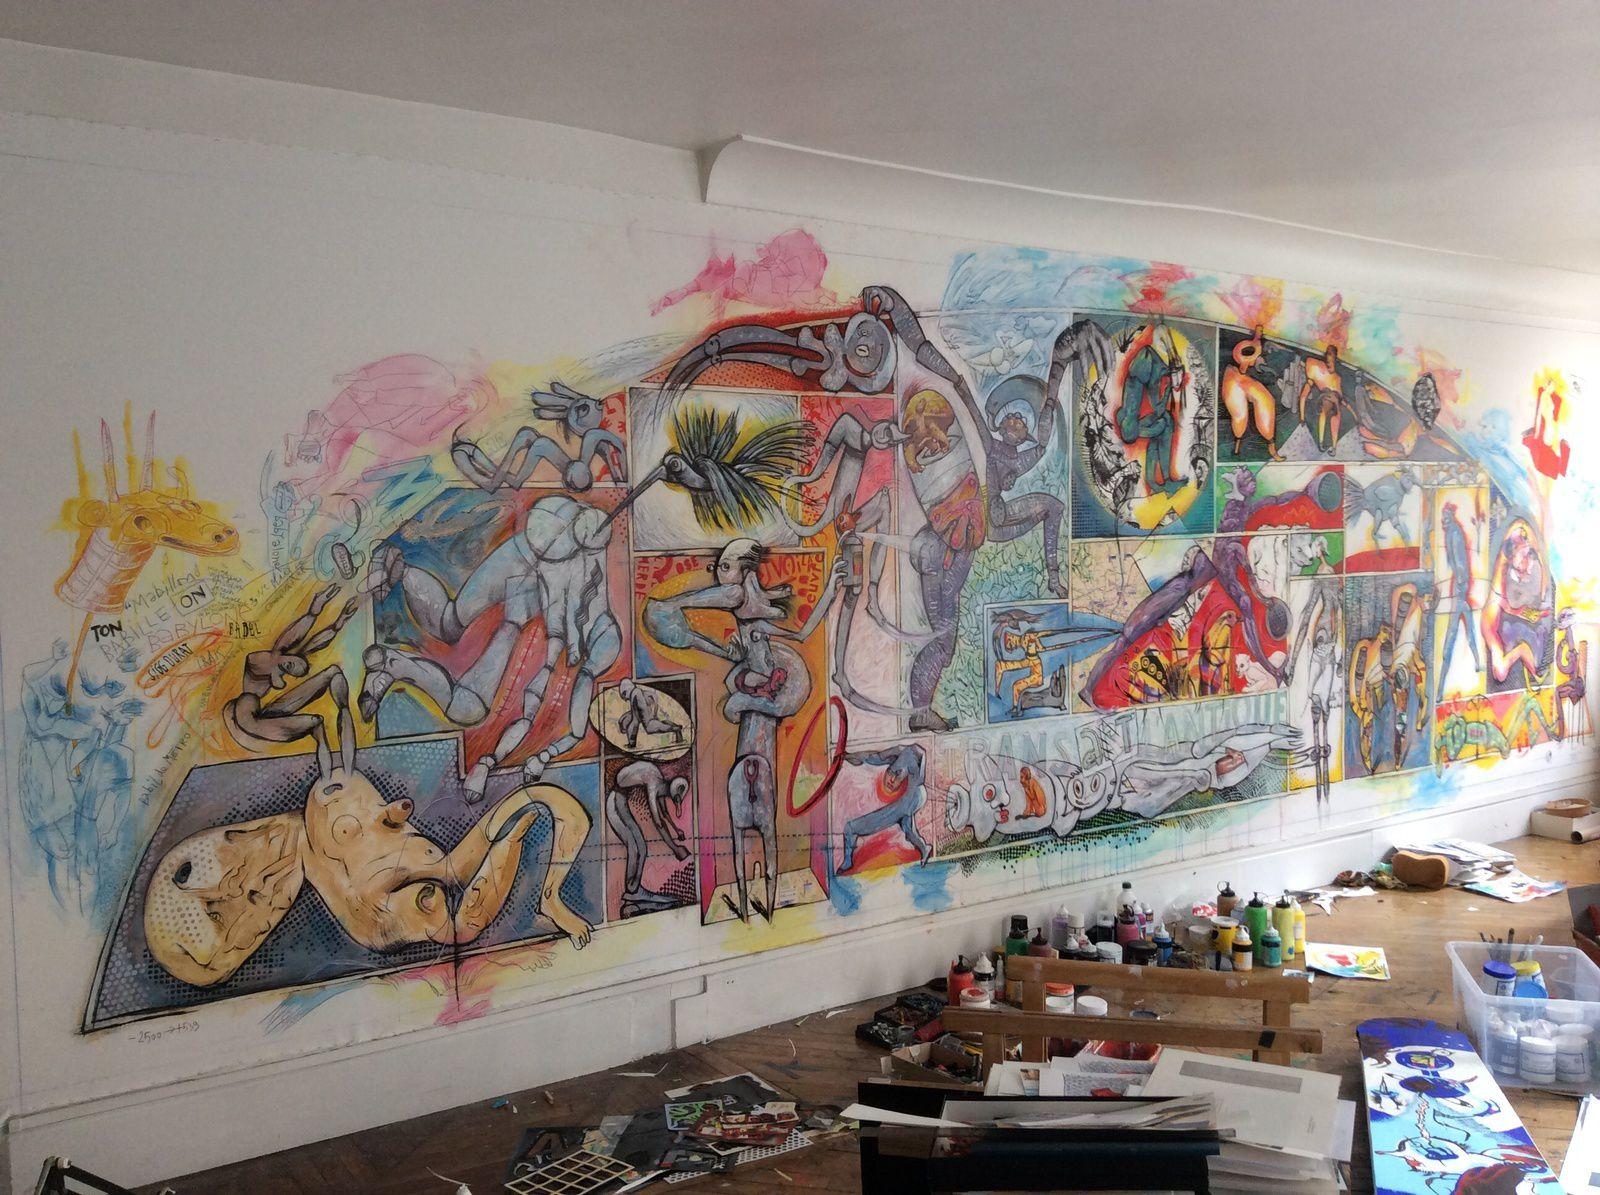 """""""Babylone Mabillon"""" ma toile de 8mx3m que vous ne verrez pas car le plafond de la galerie est à 2,45m oups !"""